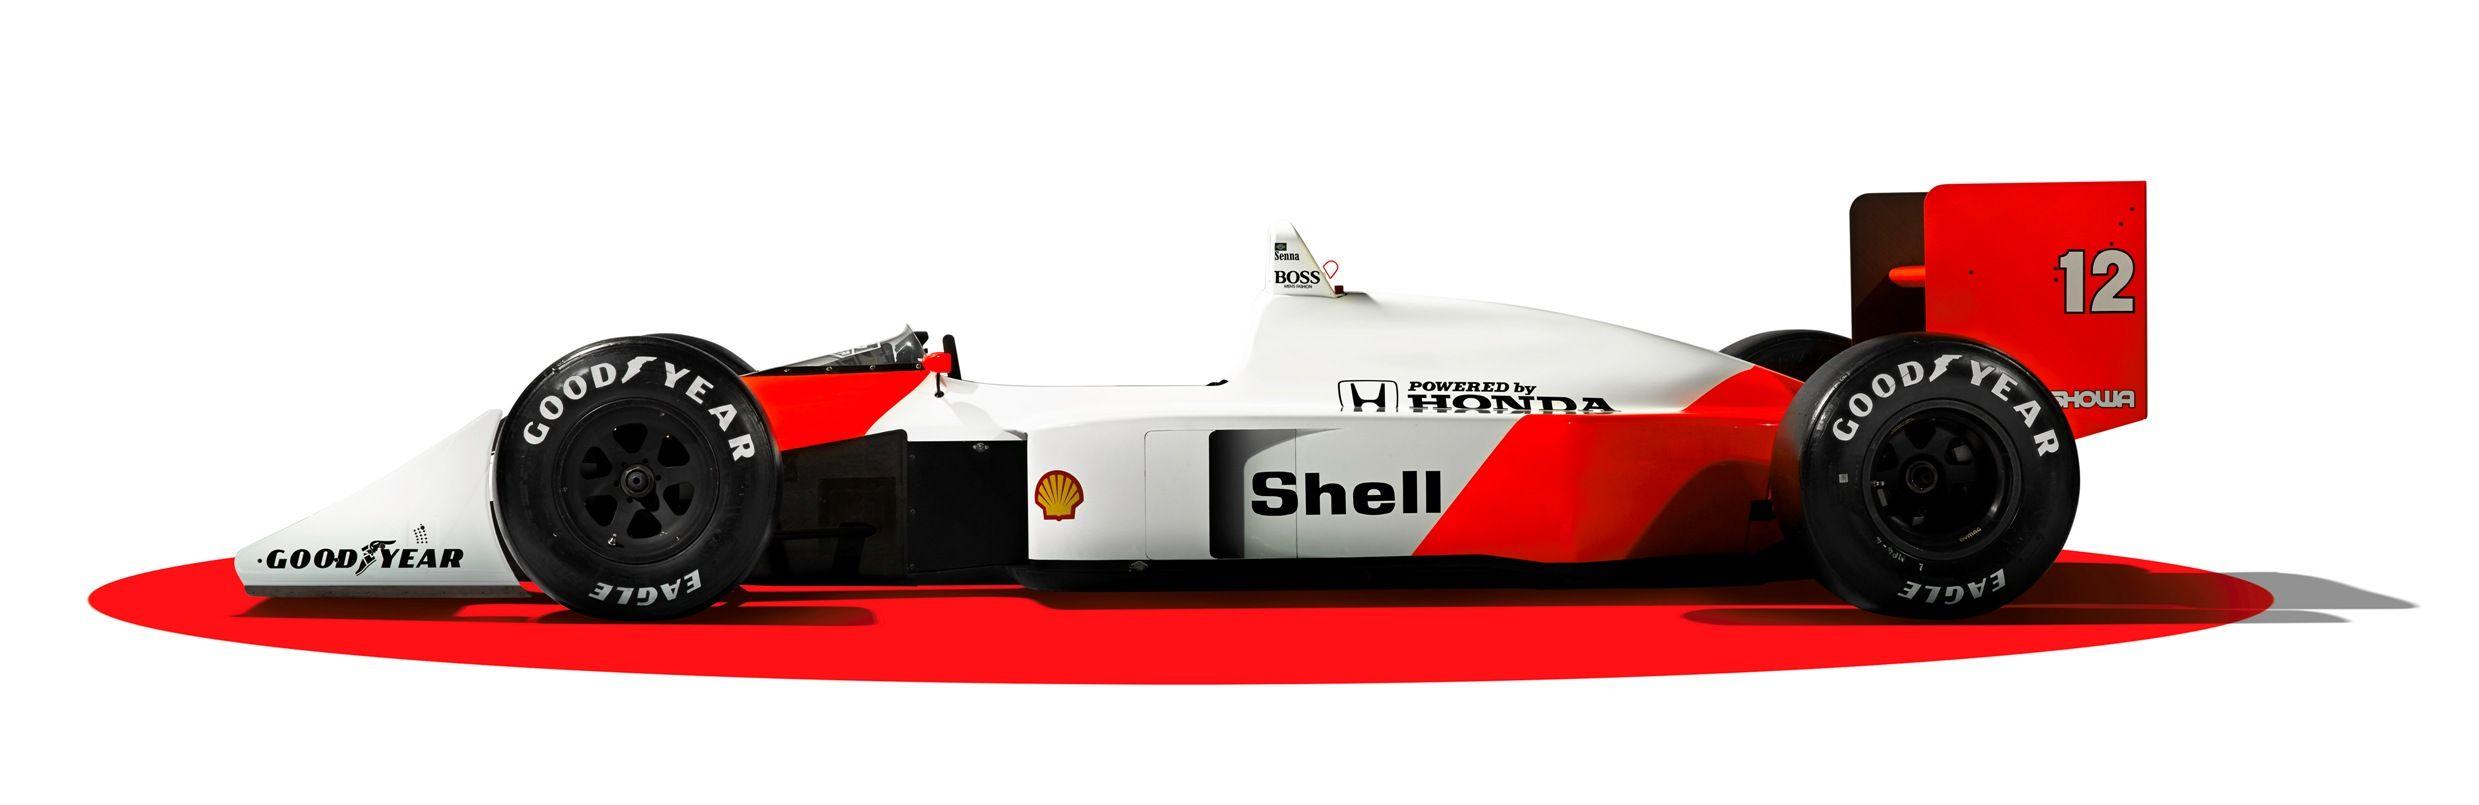 Mclaren Mp4 4 Mclaren Mclaren Mp4 Ayrton Senna